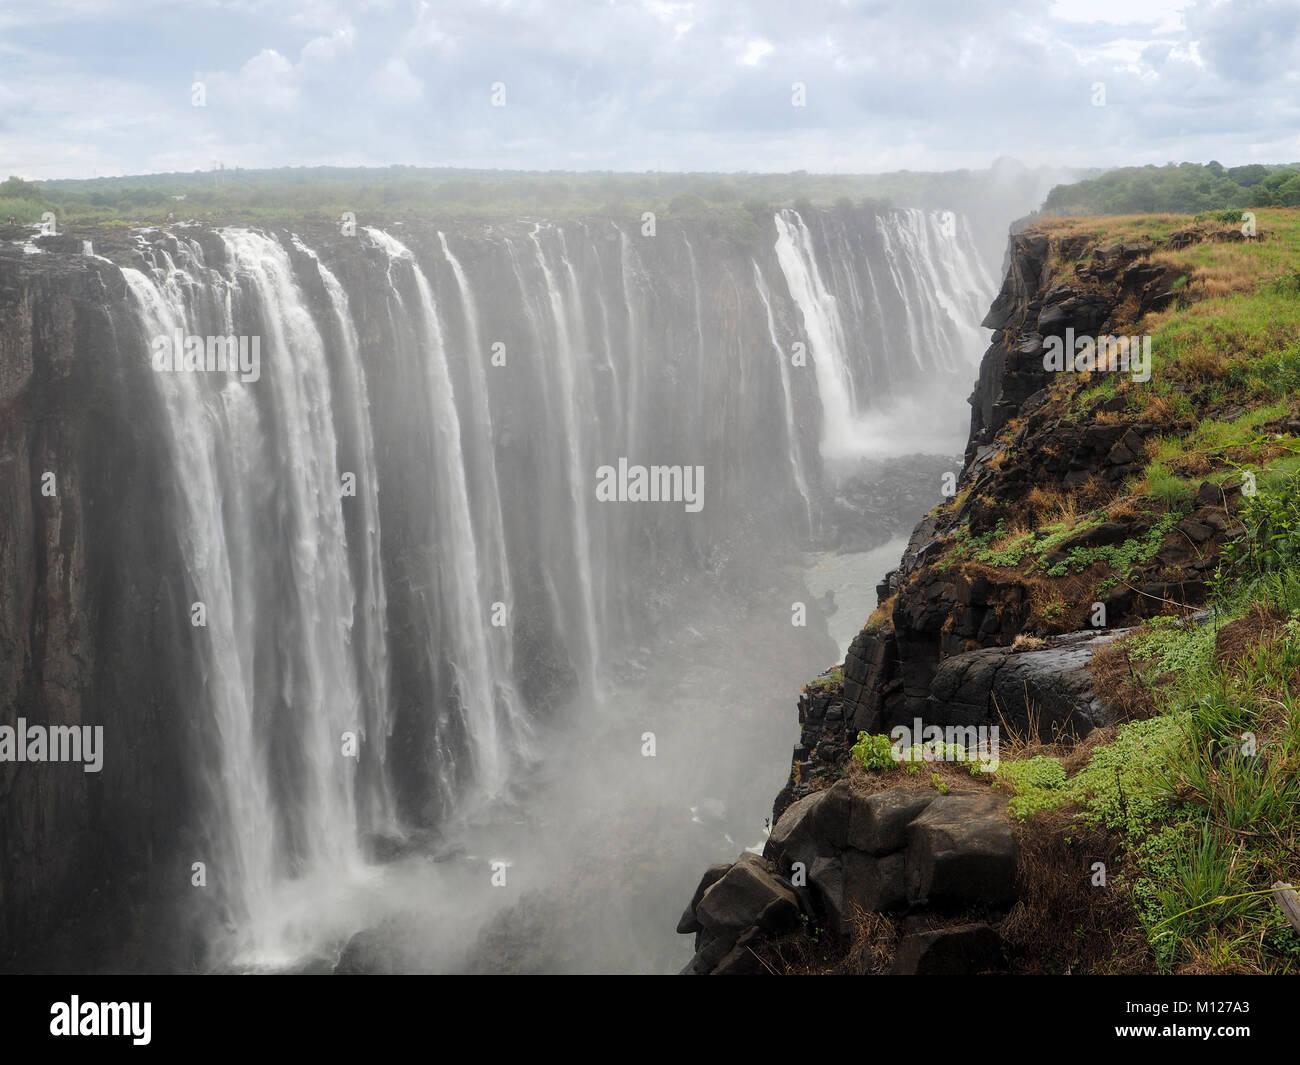 ZIMBABWE: l'Afrique, les chutes Victoria sur le fleuve Zambèze Photo Stock